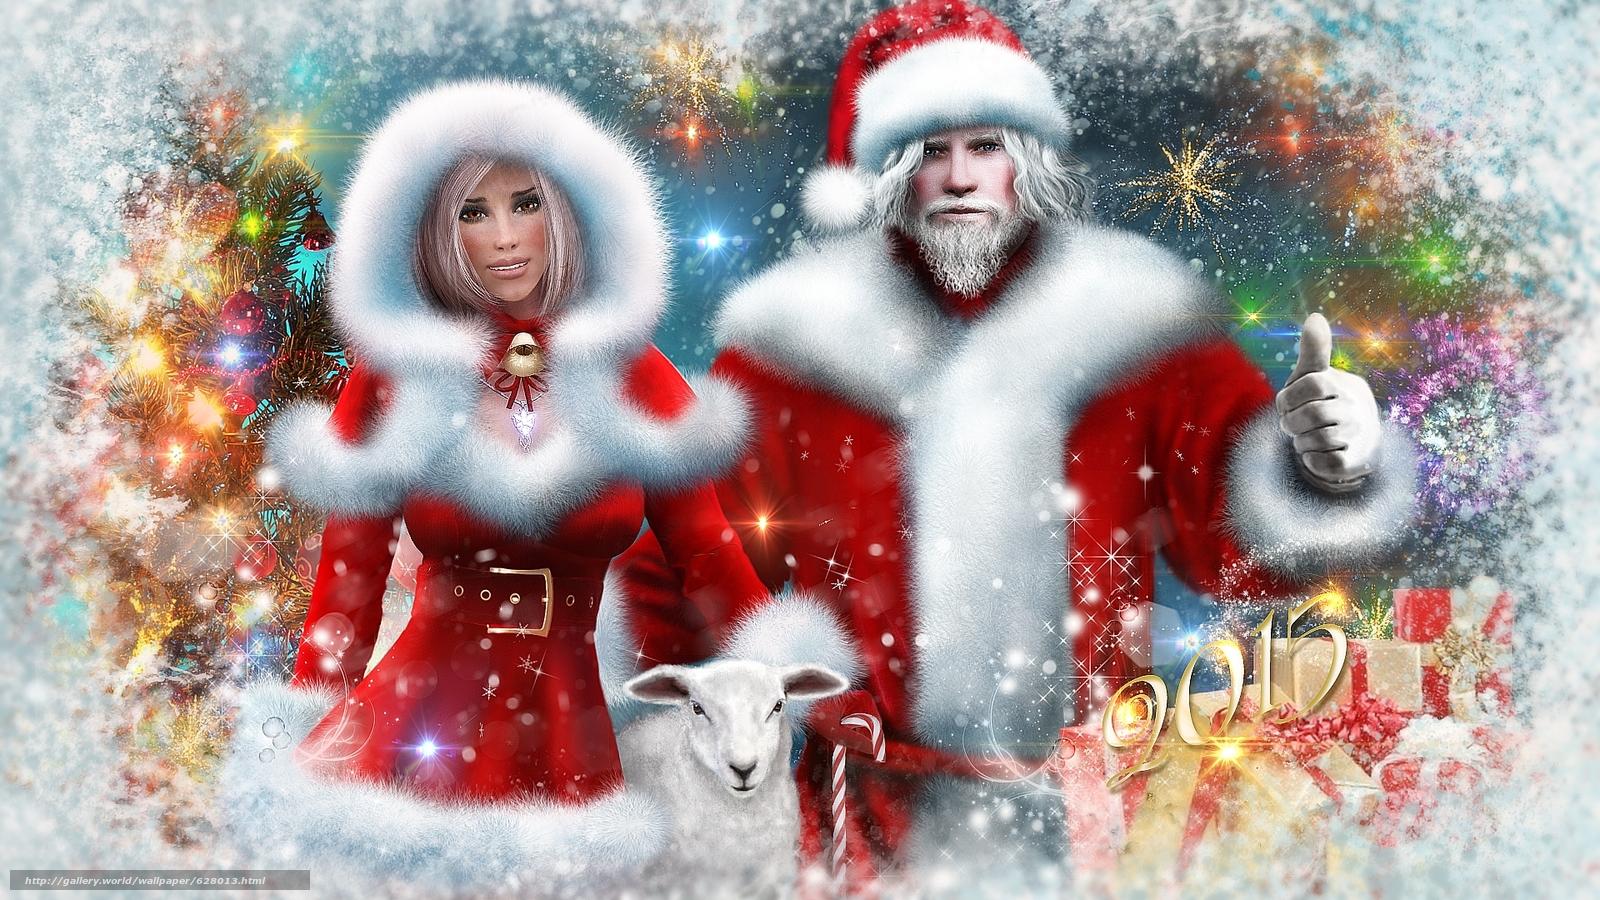 Скачать на телефон обои фото картинку на тему ноный год, дед мороз, снегурочка, разширение 1920x1080